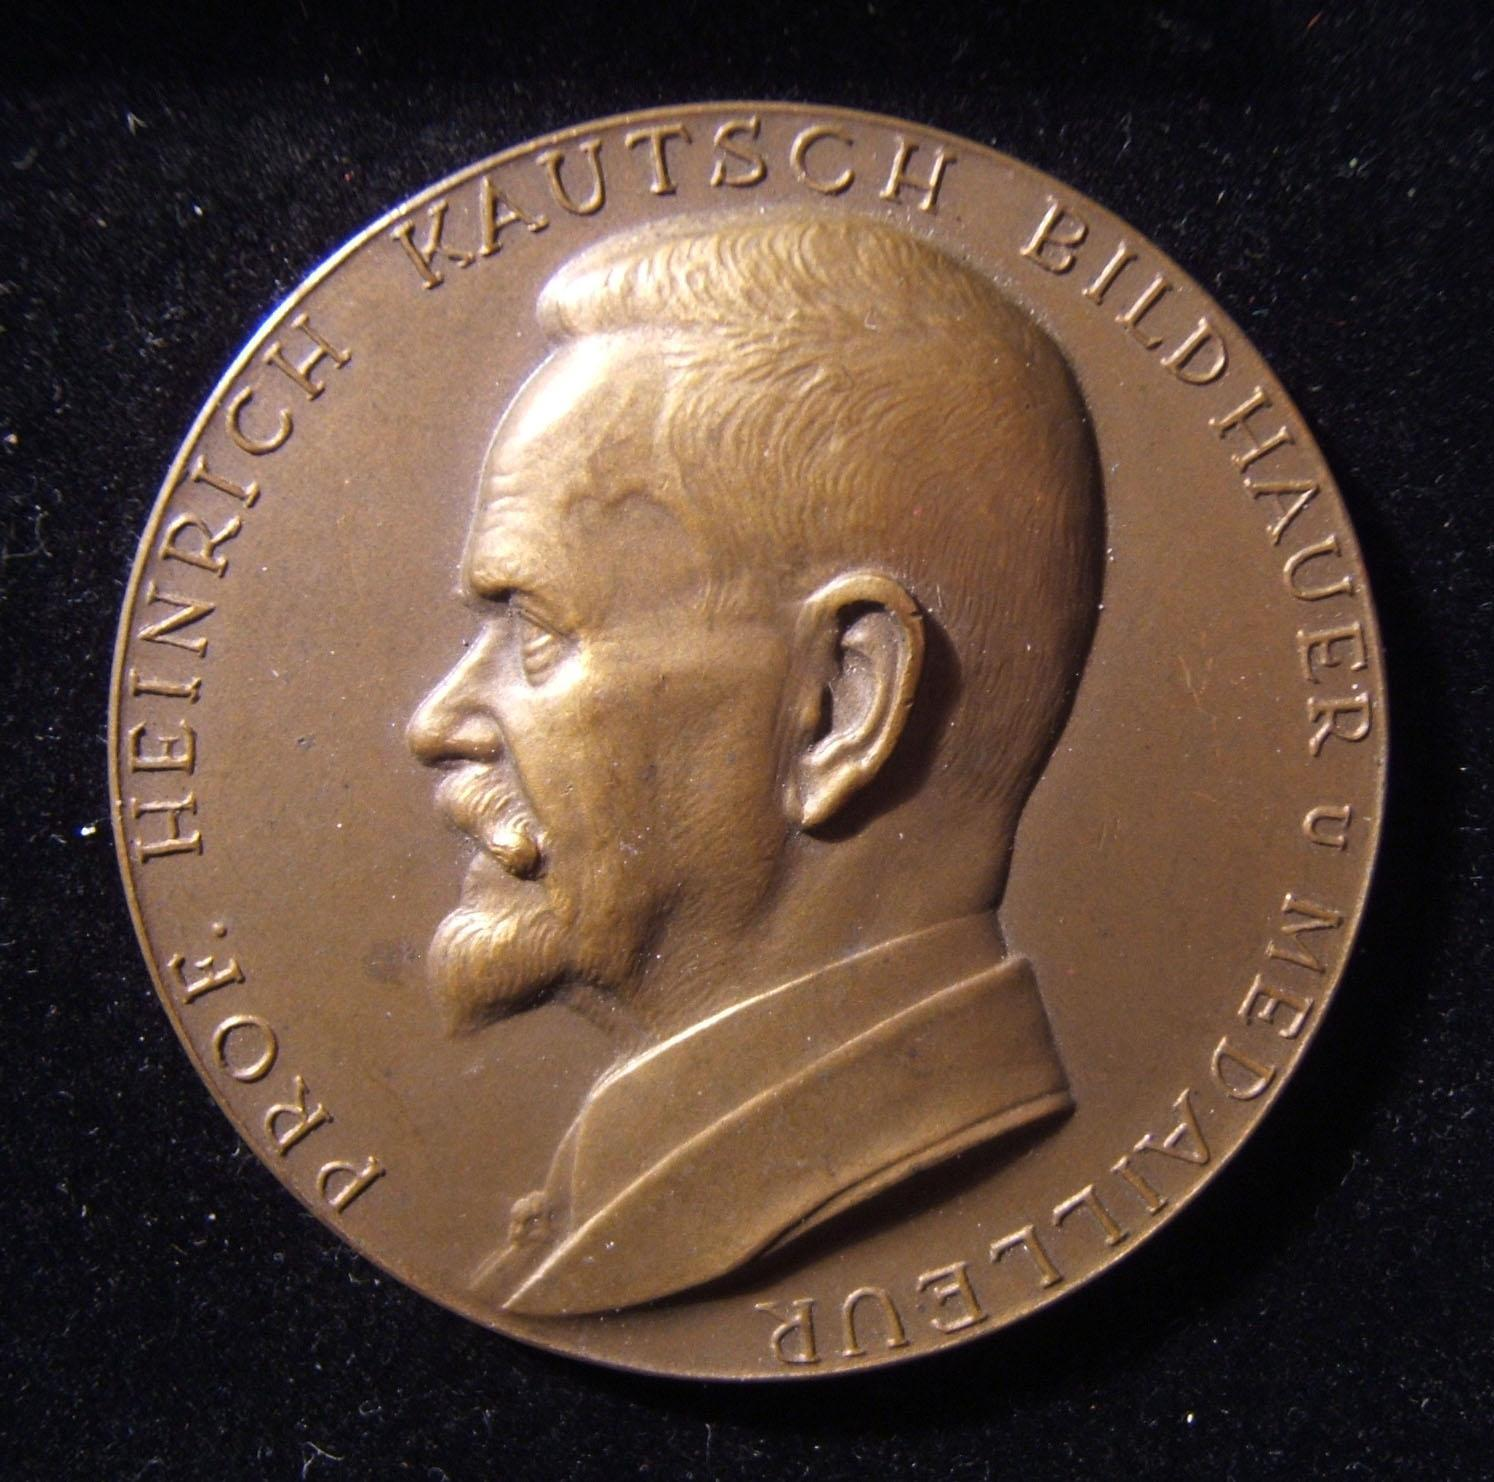 Österreich: Professor Heinrich Kautsch, Gedenkmedaille aus Bronze von Arnold Hartig, ca. 1929; Größe: 52,5 mm; Gewicht: 58,4 g. Vorderseite: nach links zeigender Kautsch; Beschrift